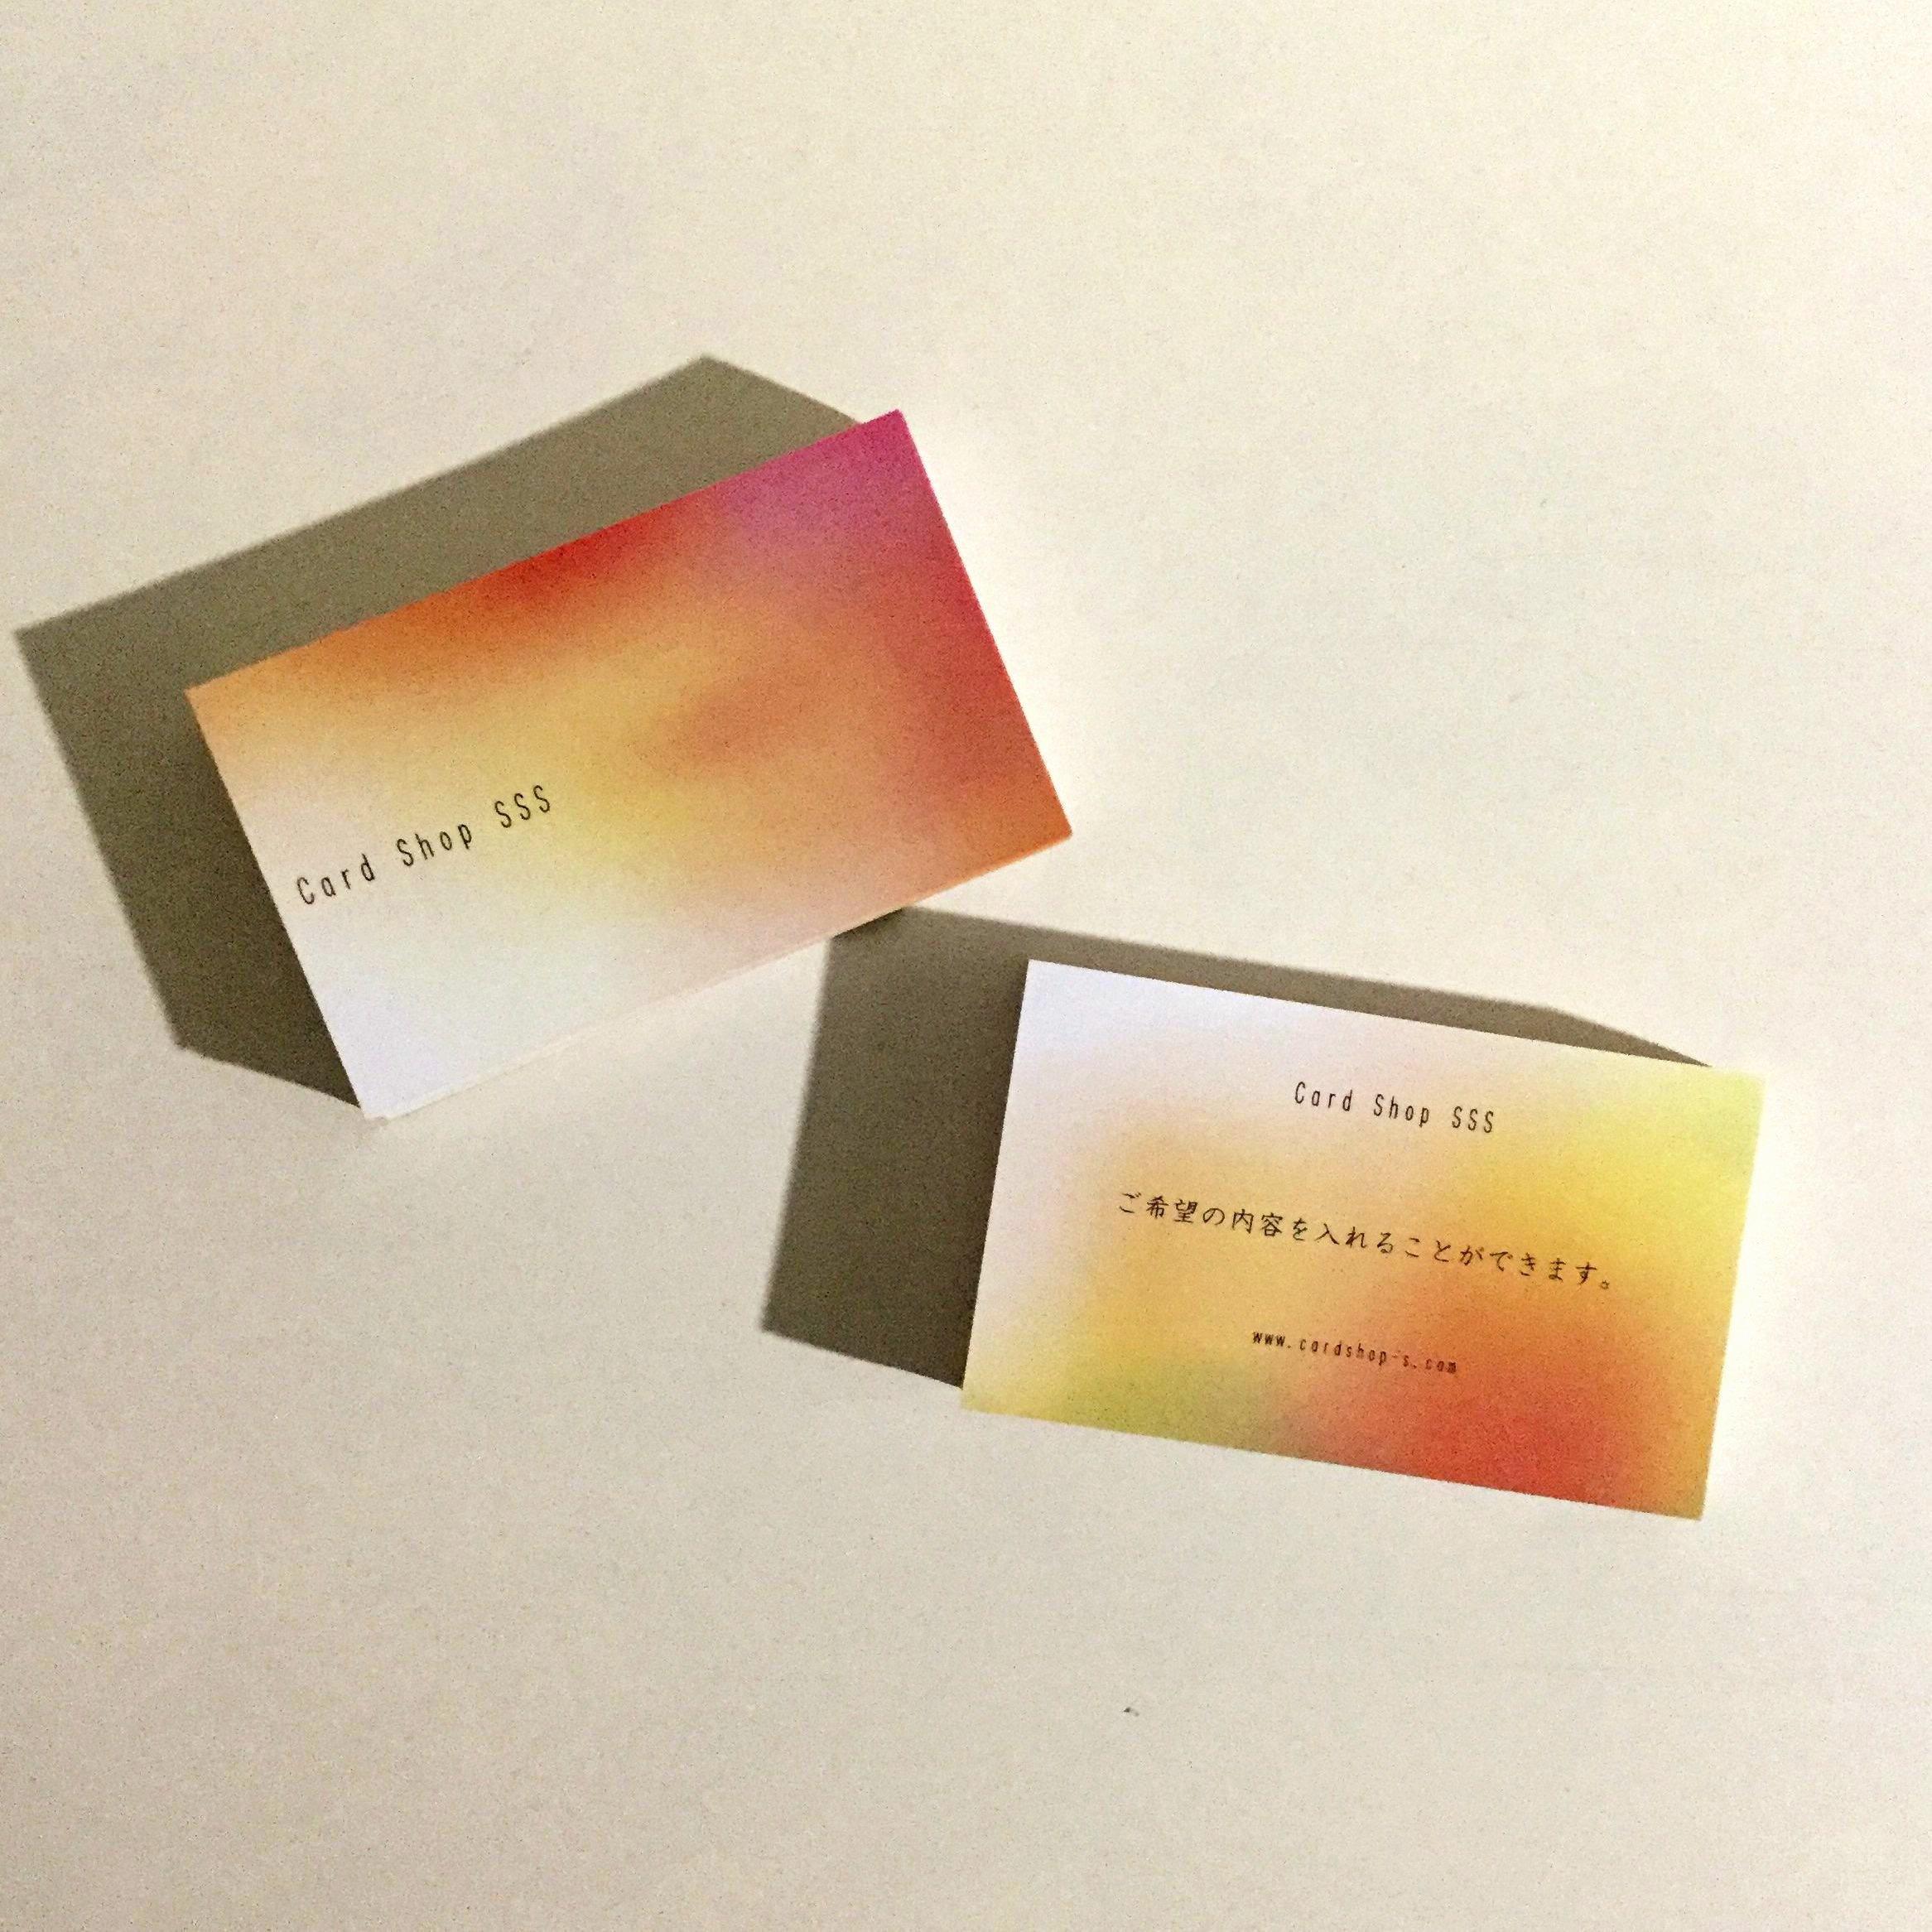 35d3_free【100枚】カスタマイズ名刺【ショップカード】